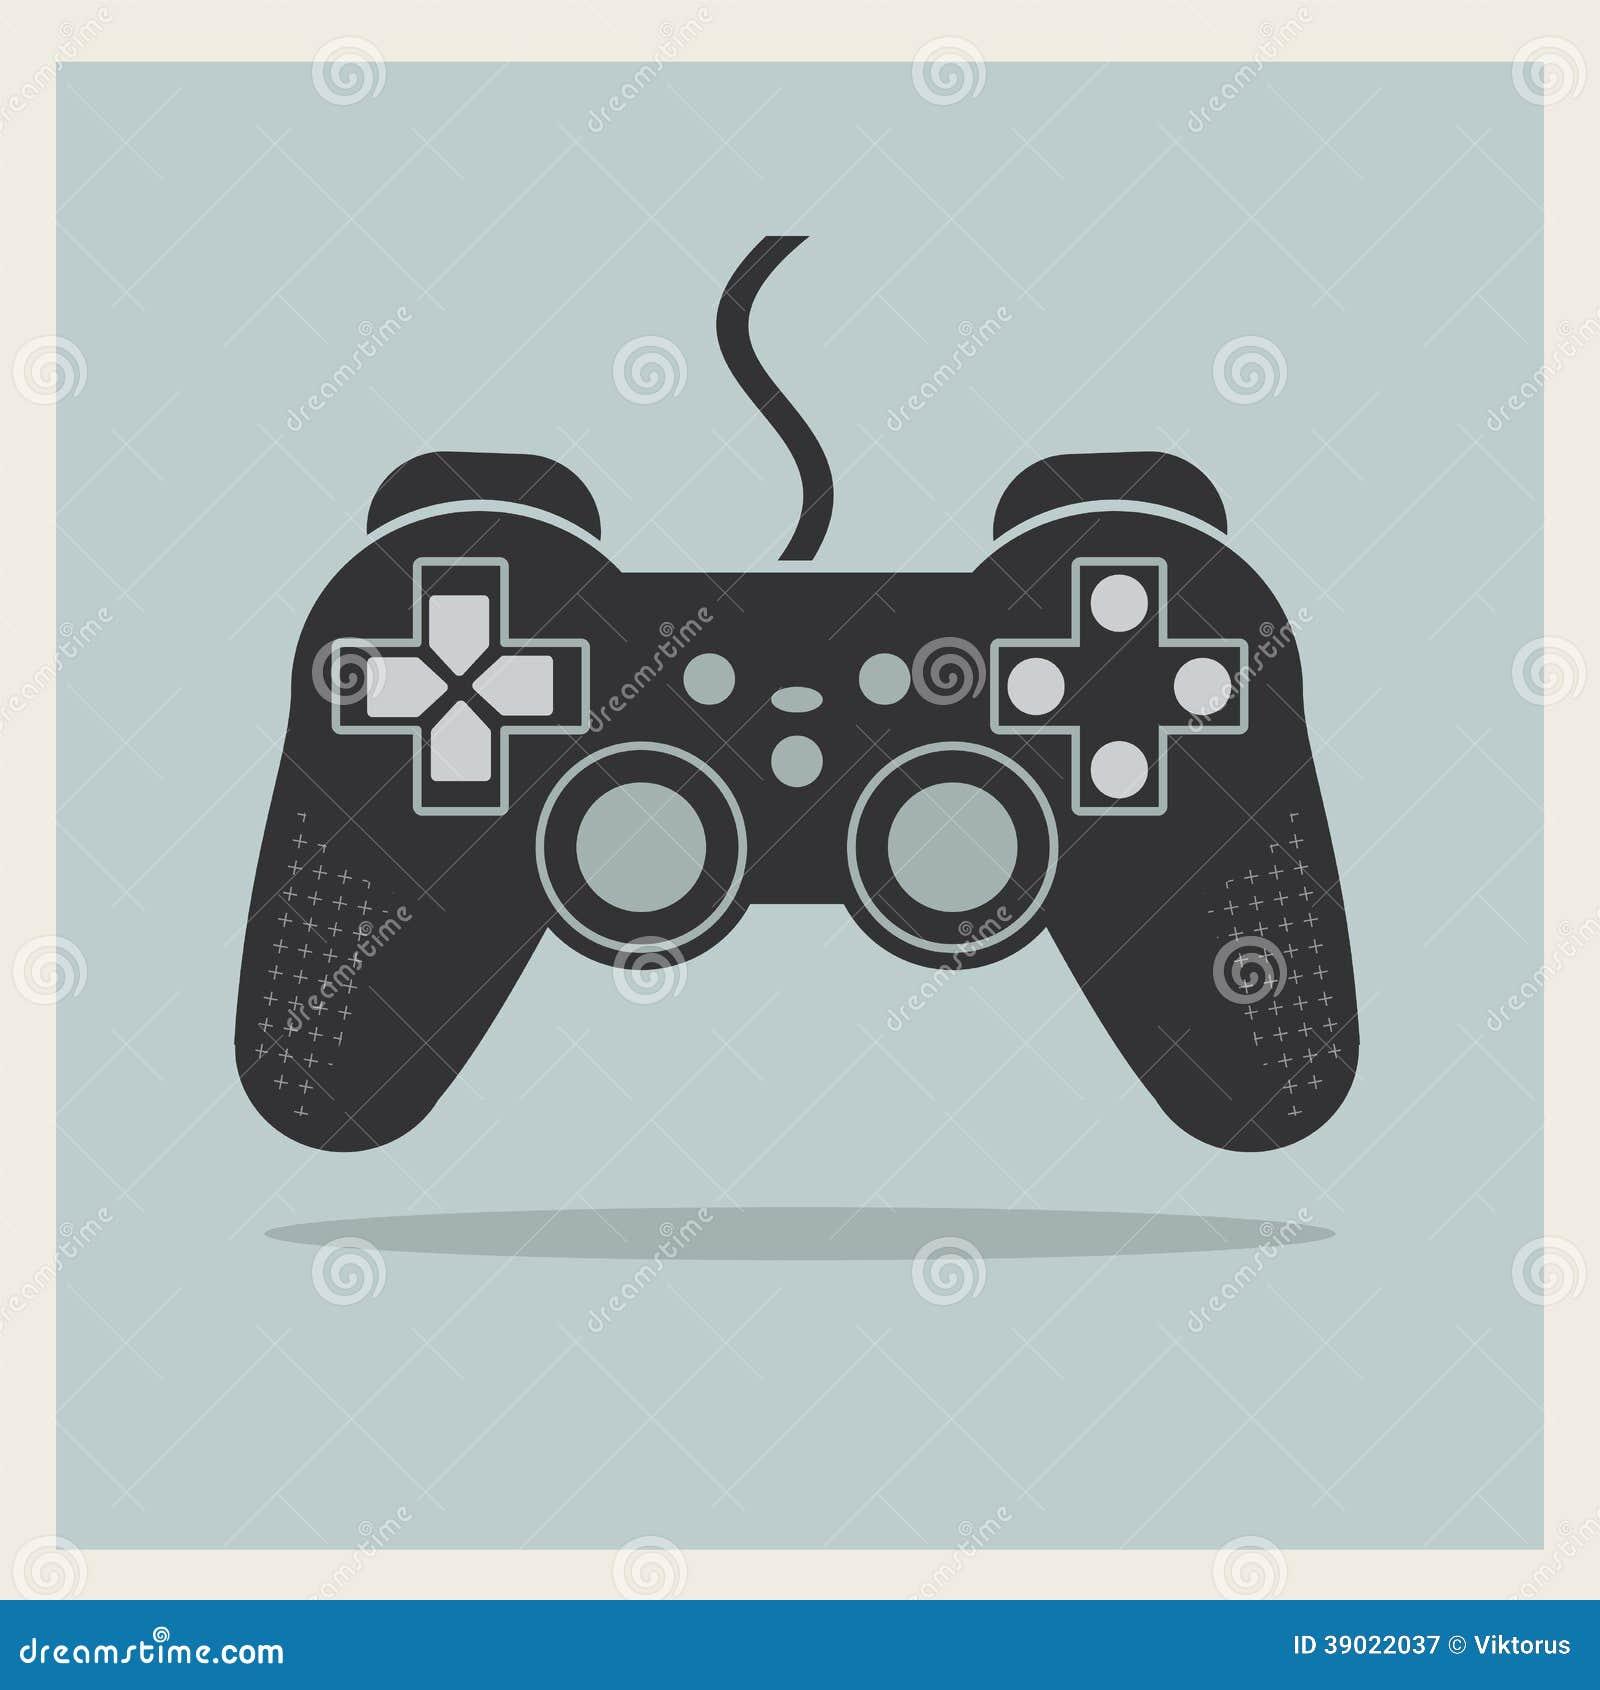 Computer Video Game Controller Joystick Vector Stock ...